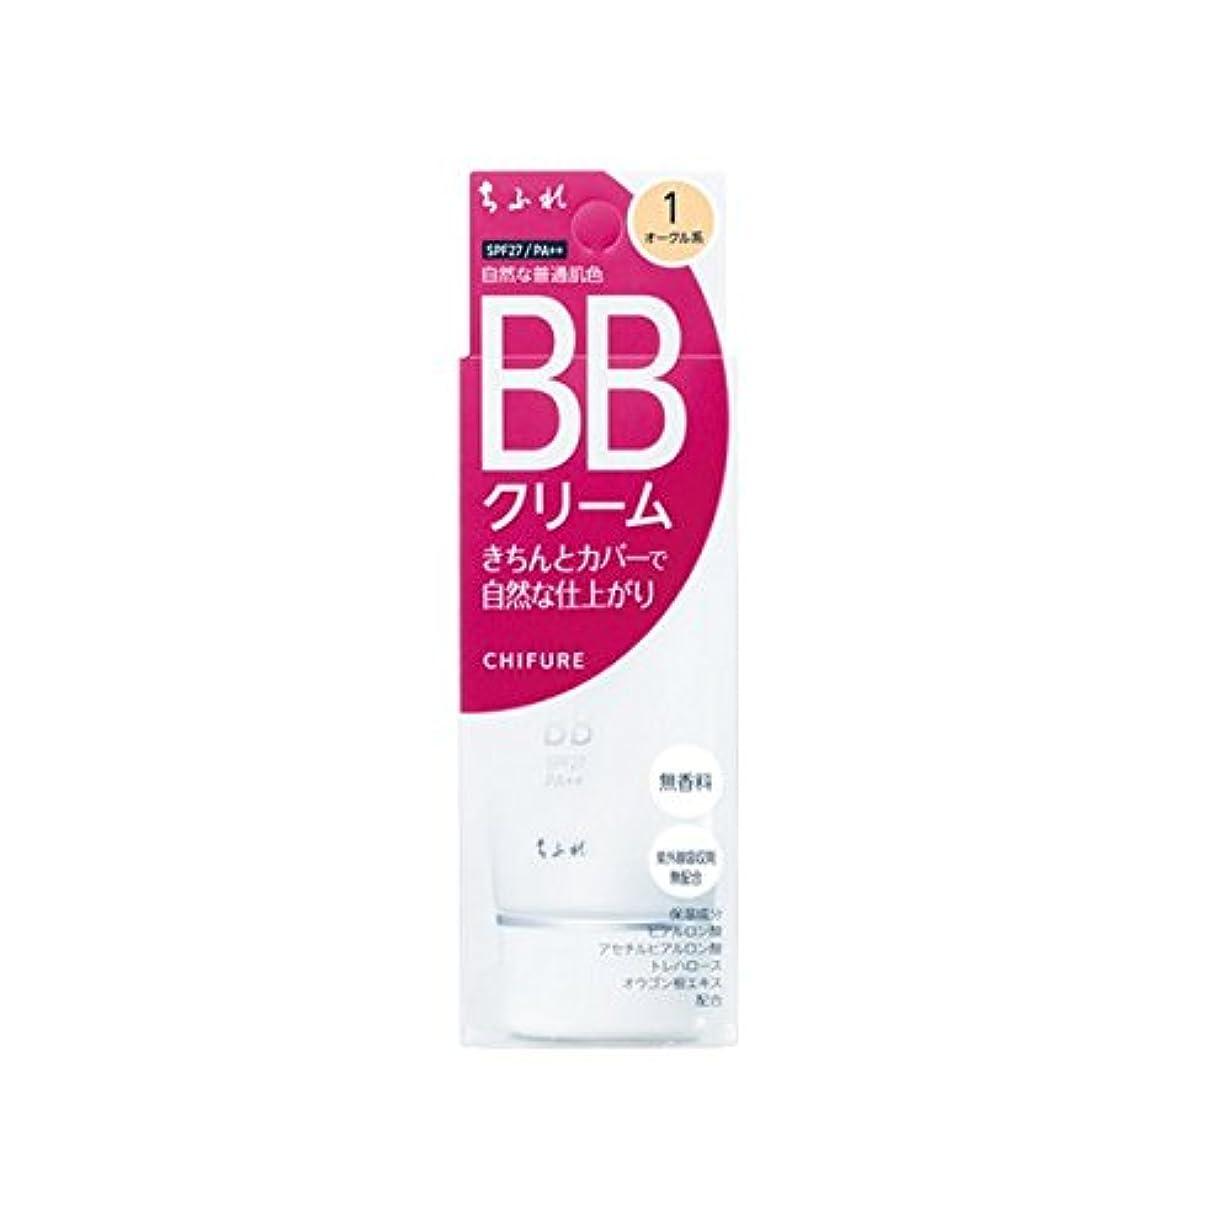 調停する最少合図ちふれ化粧品 BB クリーム 1 自然な普通肌色 BBクリーム 1